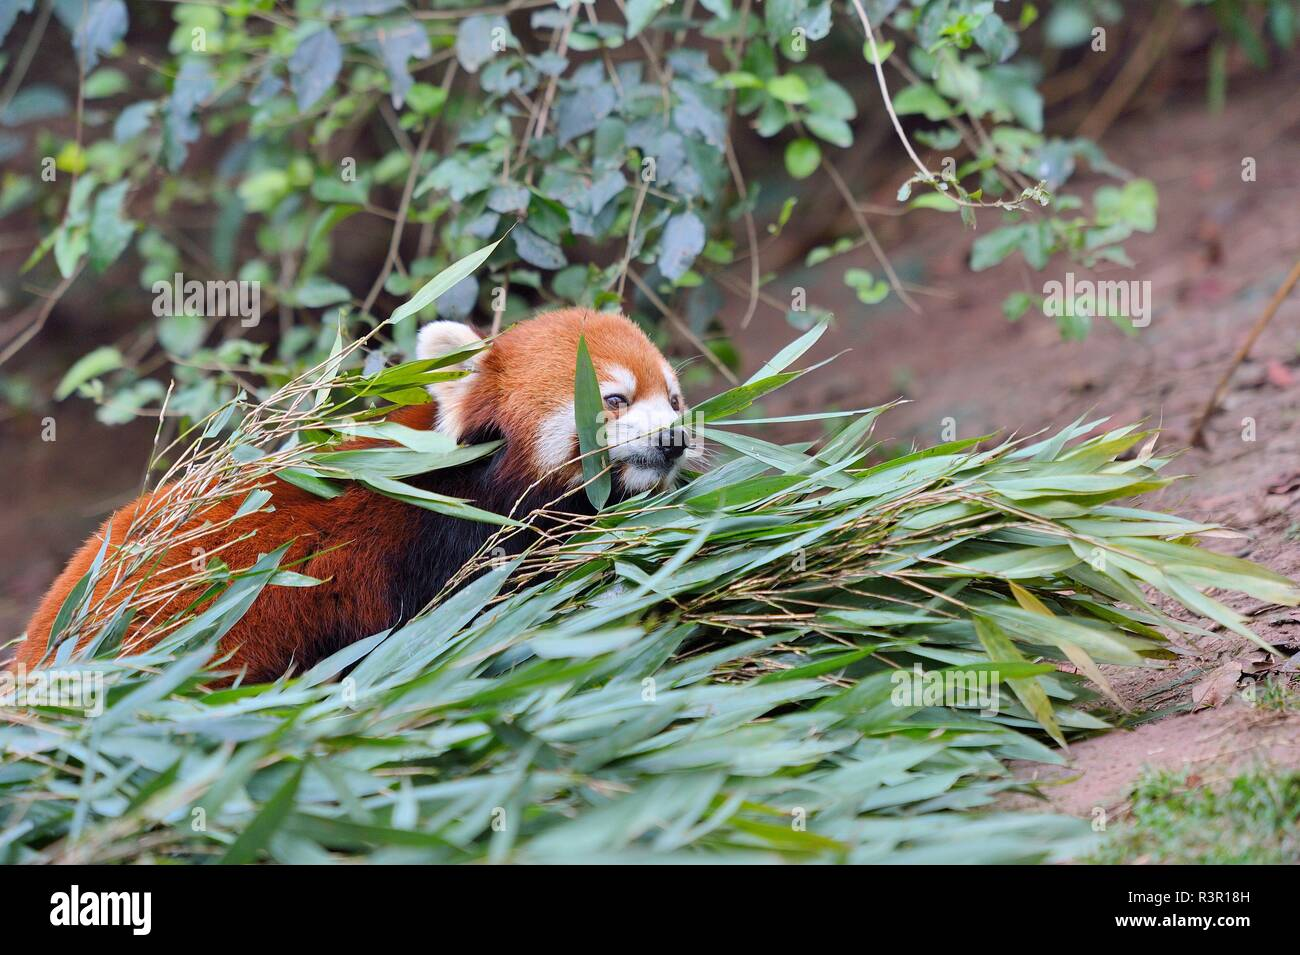 Kleiner Panda Ailurus Fulgens Bambus Essen Chengdu Forschung Und